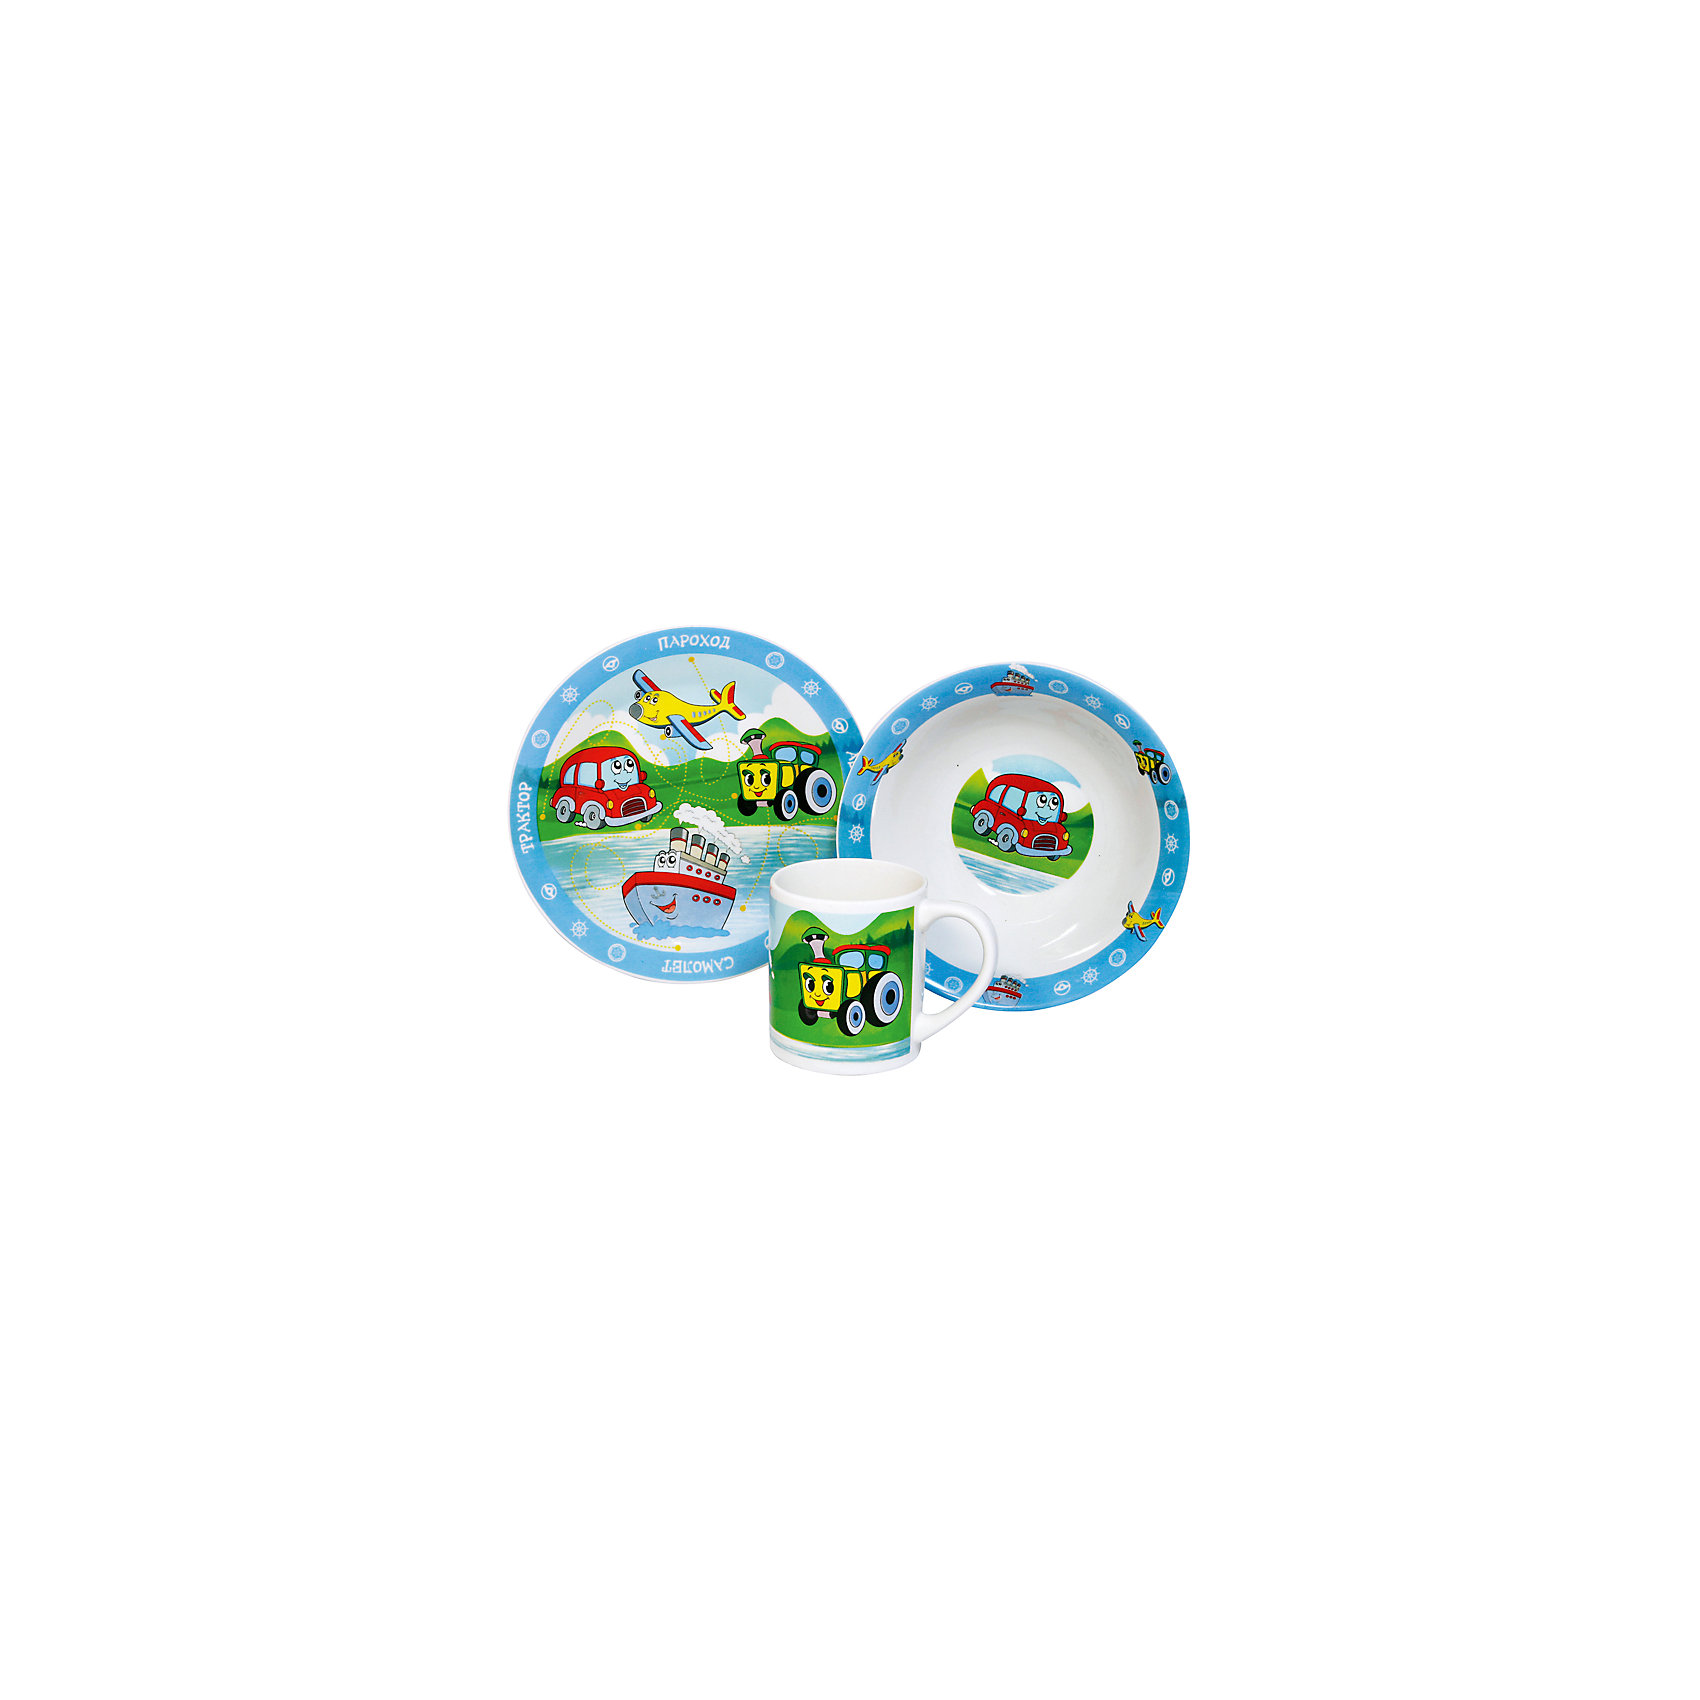 Набор Транспорт (3 предмета, керамика)Набор Транспорт (3 предмета, керамика) – яркая посуда поднимет настроение вашему ребенку.<br>Набор красочной детской посуды Транспорт выполненный из качественной керамики, идеально подойдет для повседневного использования. В комплект входят: кружка с удобной ручкой, суповая тарелка, плоская тарелка для вторых блюд и десертов. Яркий набор выполнен в едином стиле, декорирован забавными изображениями транспортных средств. С такой посудой привычная еда станет более вкусной и приятной, а кормление малыша превратится в веселую и интересную игру.<br><br>Дополнительная информация:<br><br>- В наборе: кружка, суповая тарелка, тарелка<br>- Материал: керамика<br>- Диаметр плоской тарелки для вторых блюд и десертов: 19 см.<br>- Диаметр суповой тарелки: 18 см.<br>- Объем кружки: 240 мл.<br>- Упаковка: подарочная коробка<br>- Размер упаковки: 25 x 8,5 x 20 см.<br>- Вес: 912 гр.<br>- Пригодна для мытья в посудомоечной машине<br><br>Набор Транспорт (3 предмета, керамика) можно купить в нашем интернет-магазине.<br><br>Ширина мм: 250<br>Глубина мм: 85<br>Высота мм: 200<br>Вес г: 912<br>Возраст от месяцев: 36<br>Возраст до месяцев: 144<br>Пол: Унисекс<br>Возраст: Детский<br>SKU: 4606792